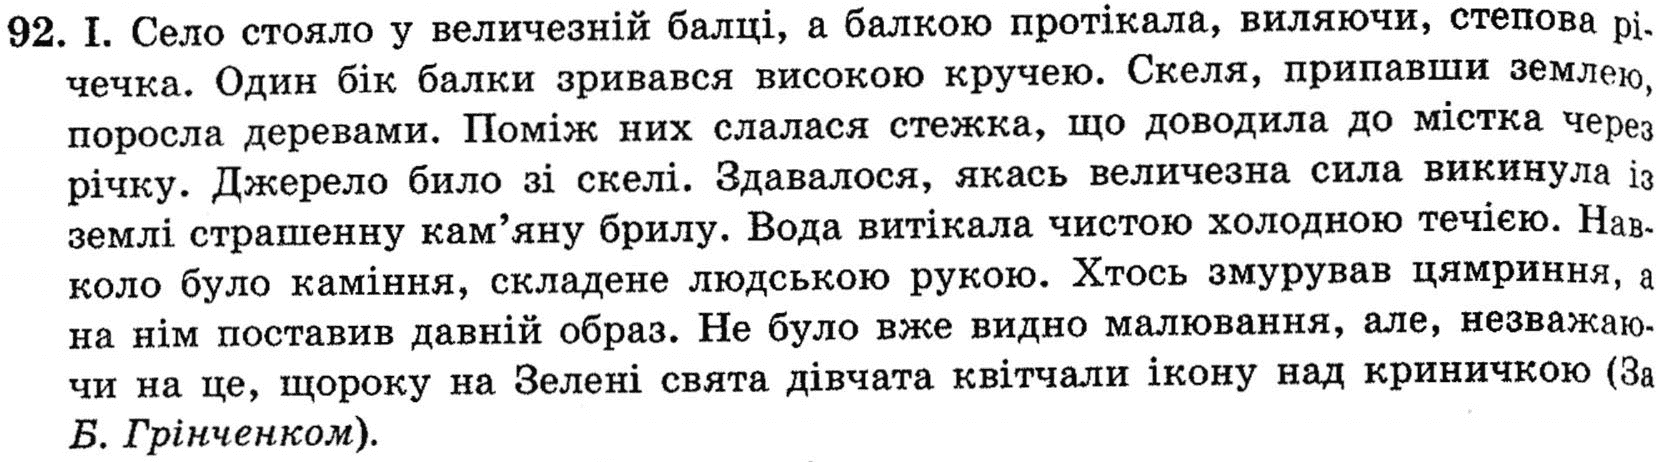 козачук украинская мова гдз 10 класс